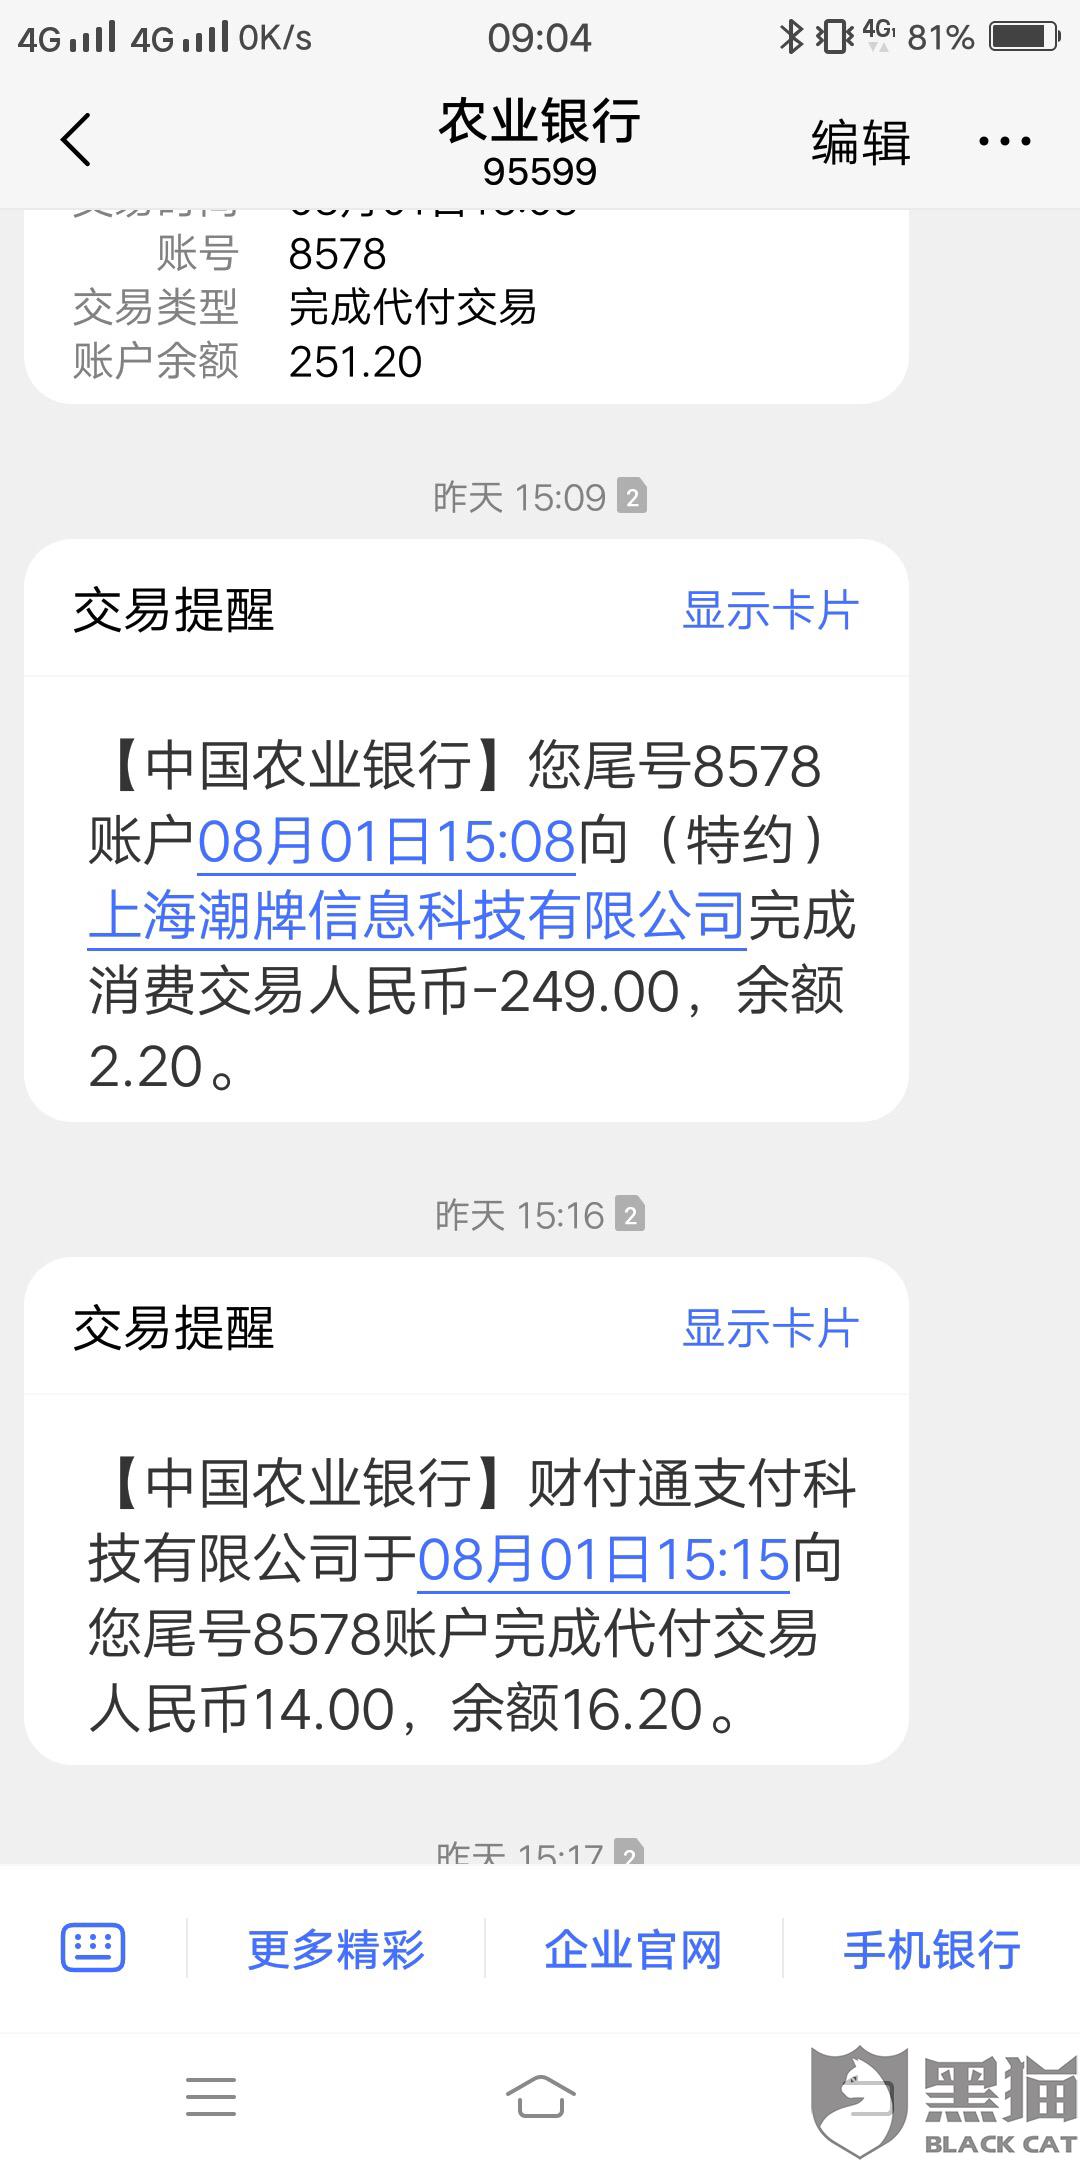 黑猫投诉:上海潮牌信息科技有限公司白条分期扣款不退还,非得让借网贷